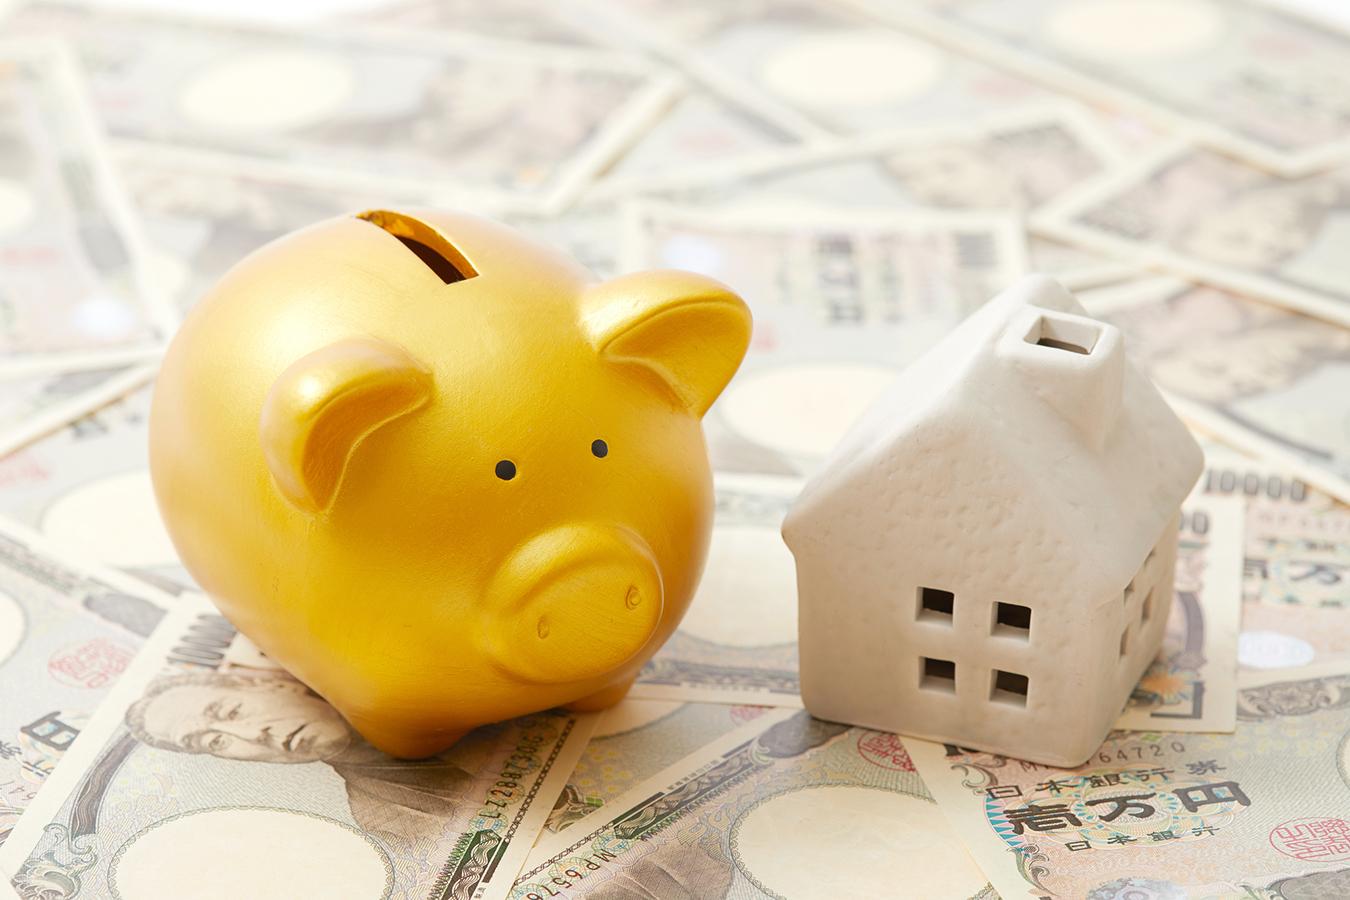 「家賃は月収の3分の1」はまだ通用する?令和時代、家賃を決める前に考えるべきこと